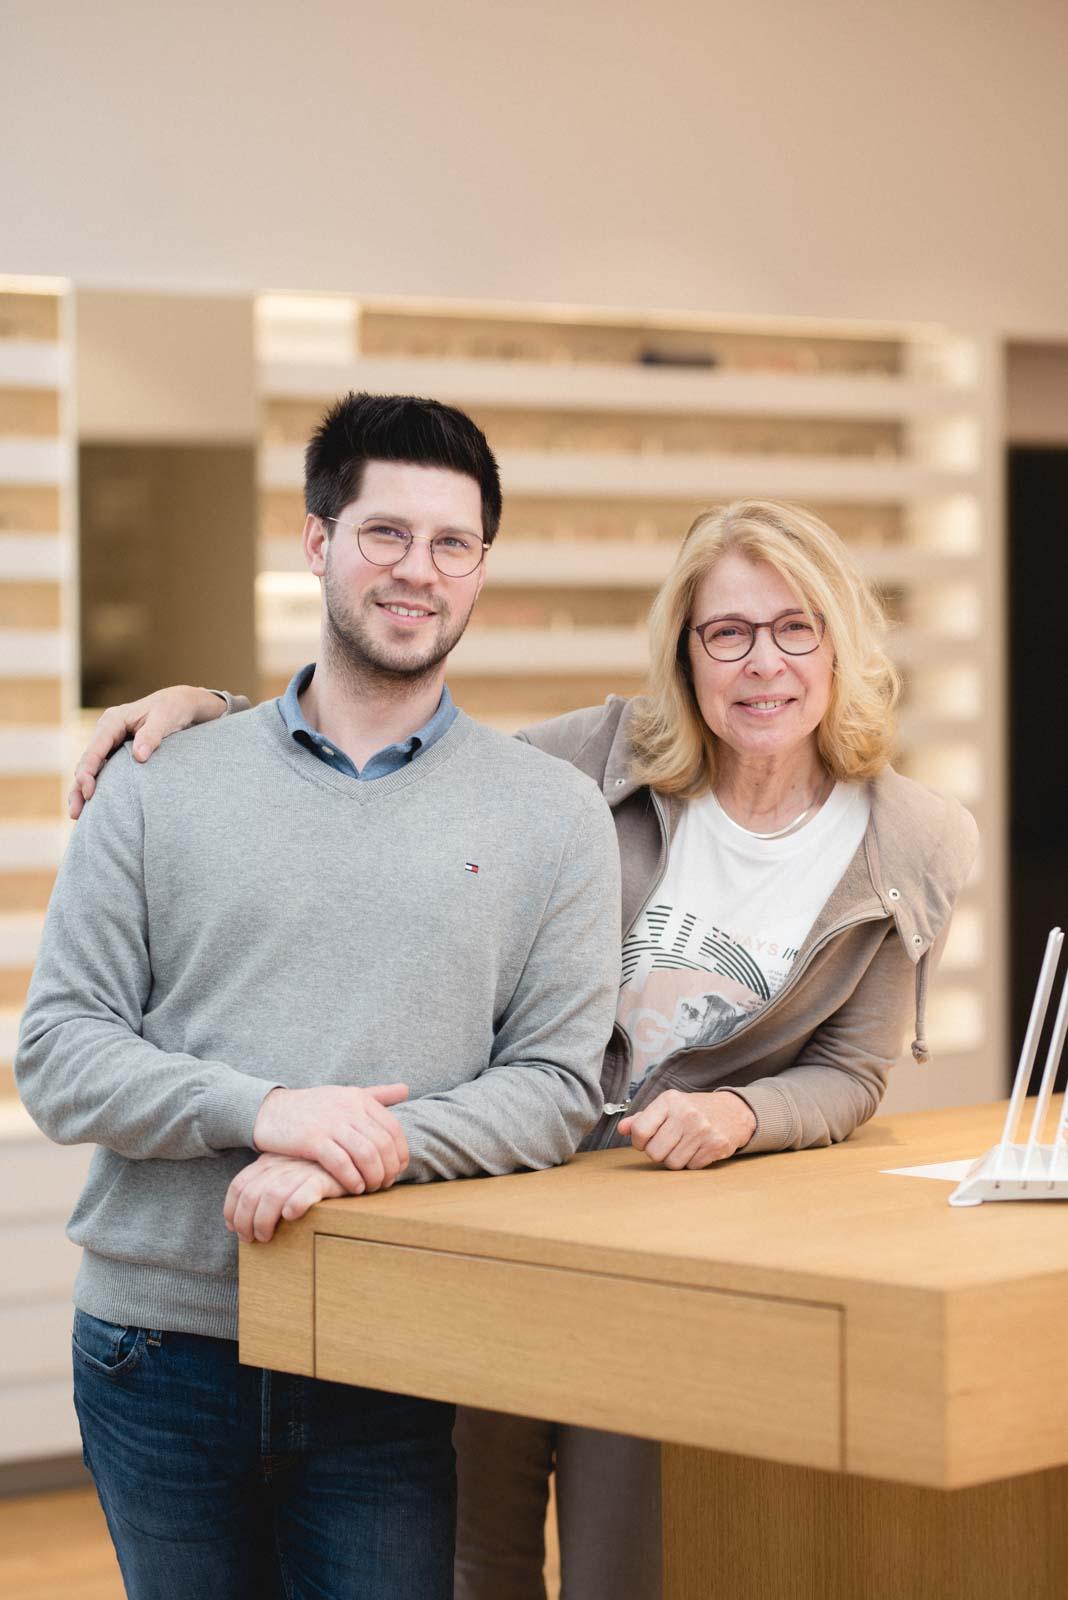 Ein eingespieltes Team: Herr Weissbach und Frau Becker.